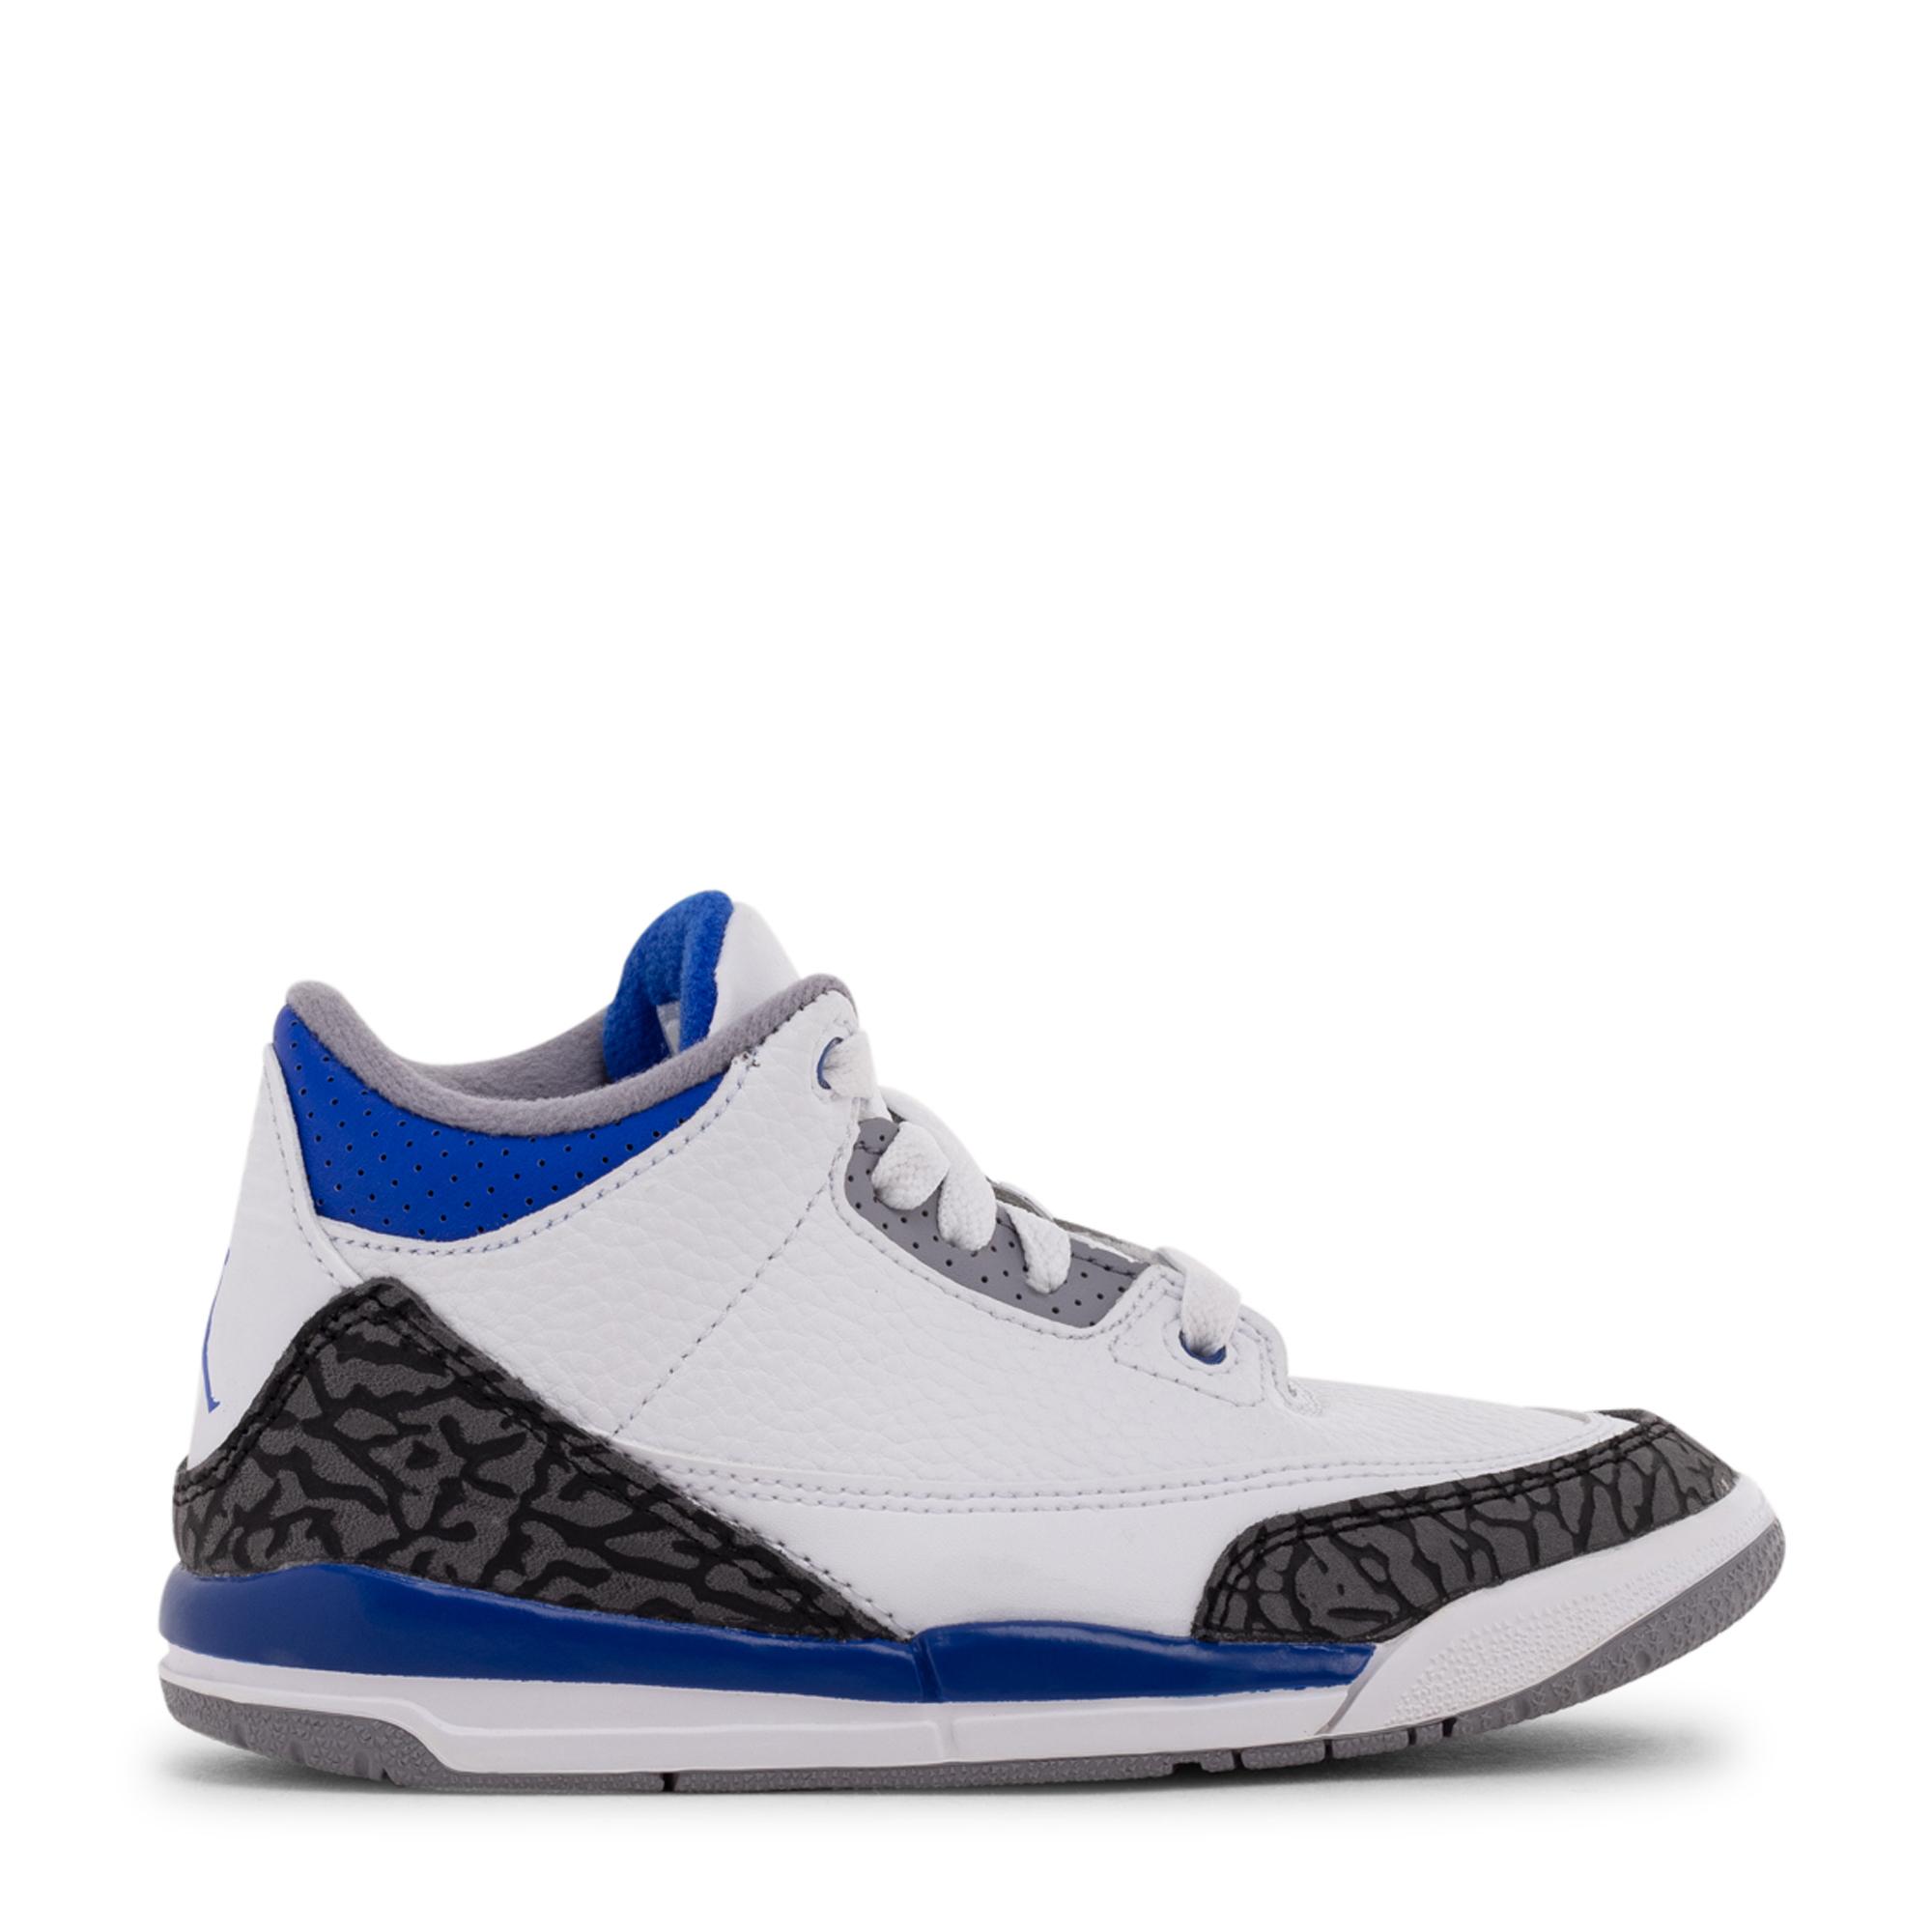 """Air Jordan 3 """"Racer Blue"""" sneakers"""